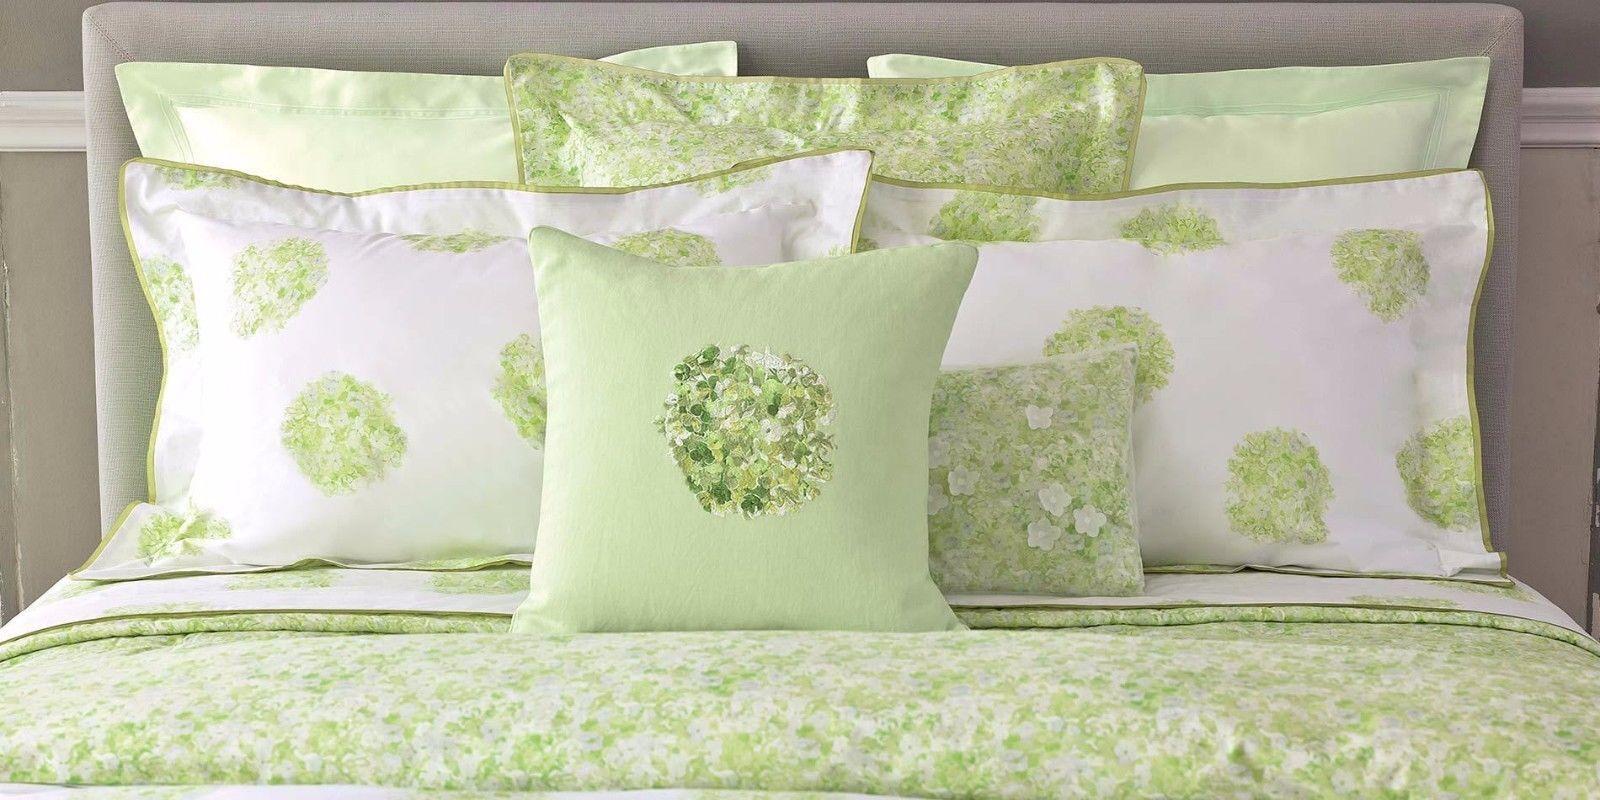 Yves Delorme Etreverde bianca & verde Duvet, Sheet, Euro,Standard Sham Pillow